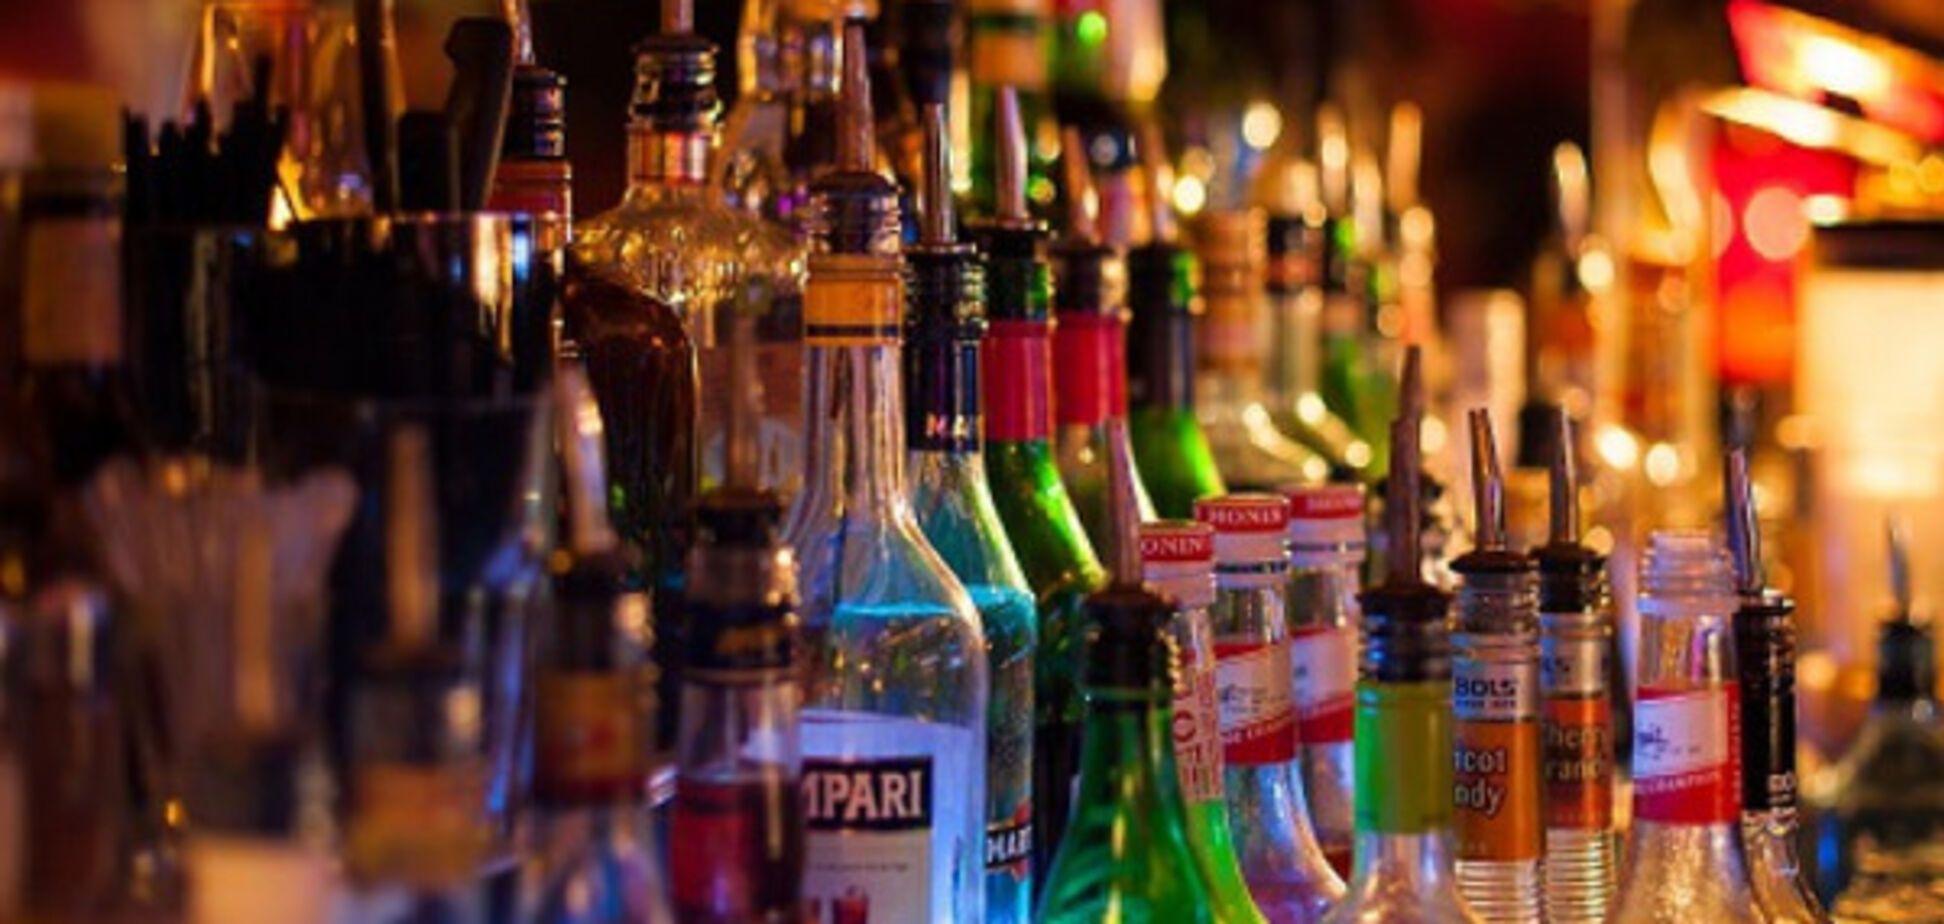 За продажу выпивки без лицензии запорожское кафе поплатилось крупной суммой